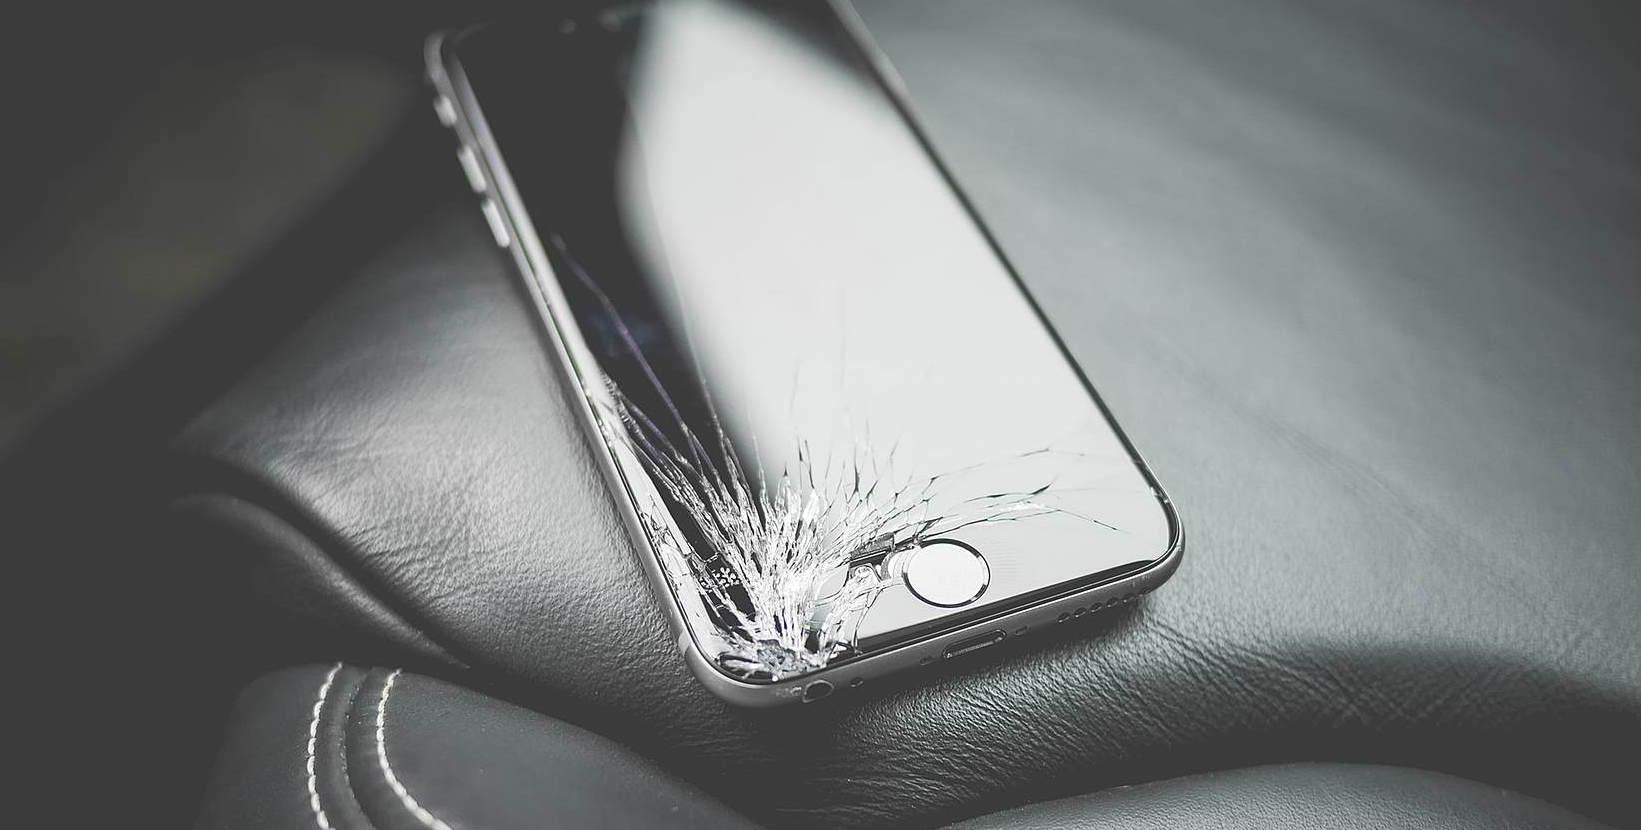 Когда мы перестанем переживать за падение iPhone?